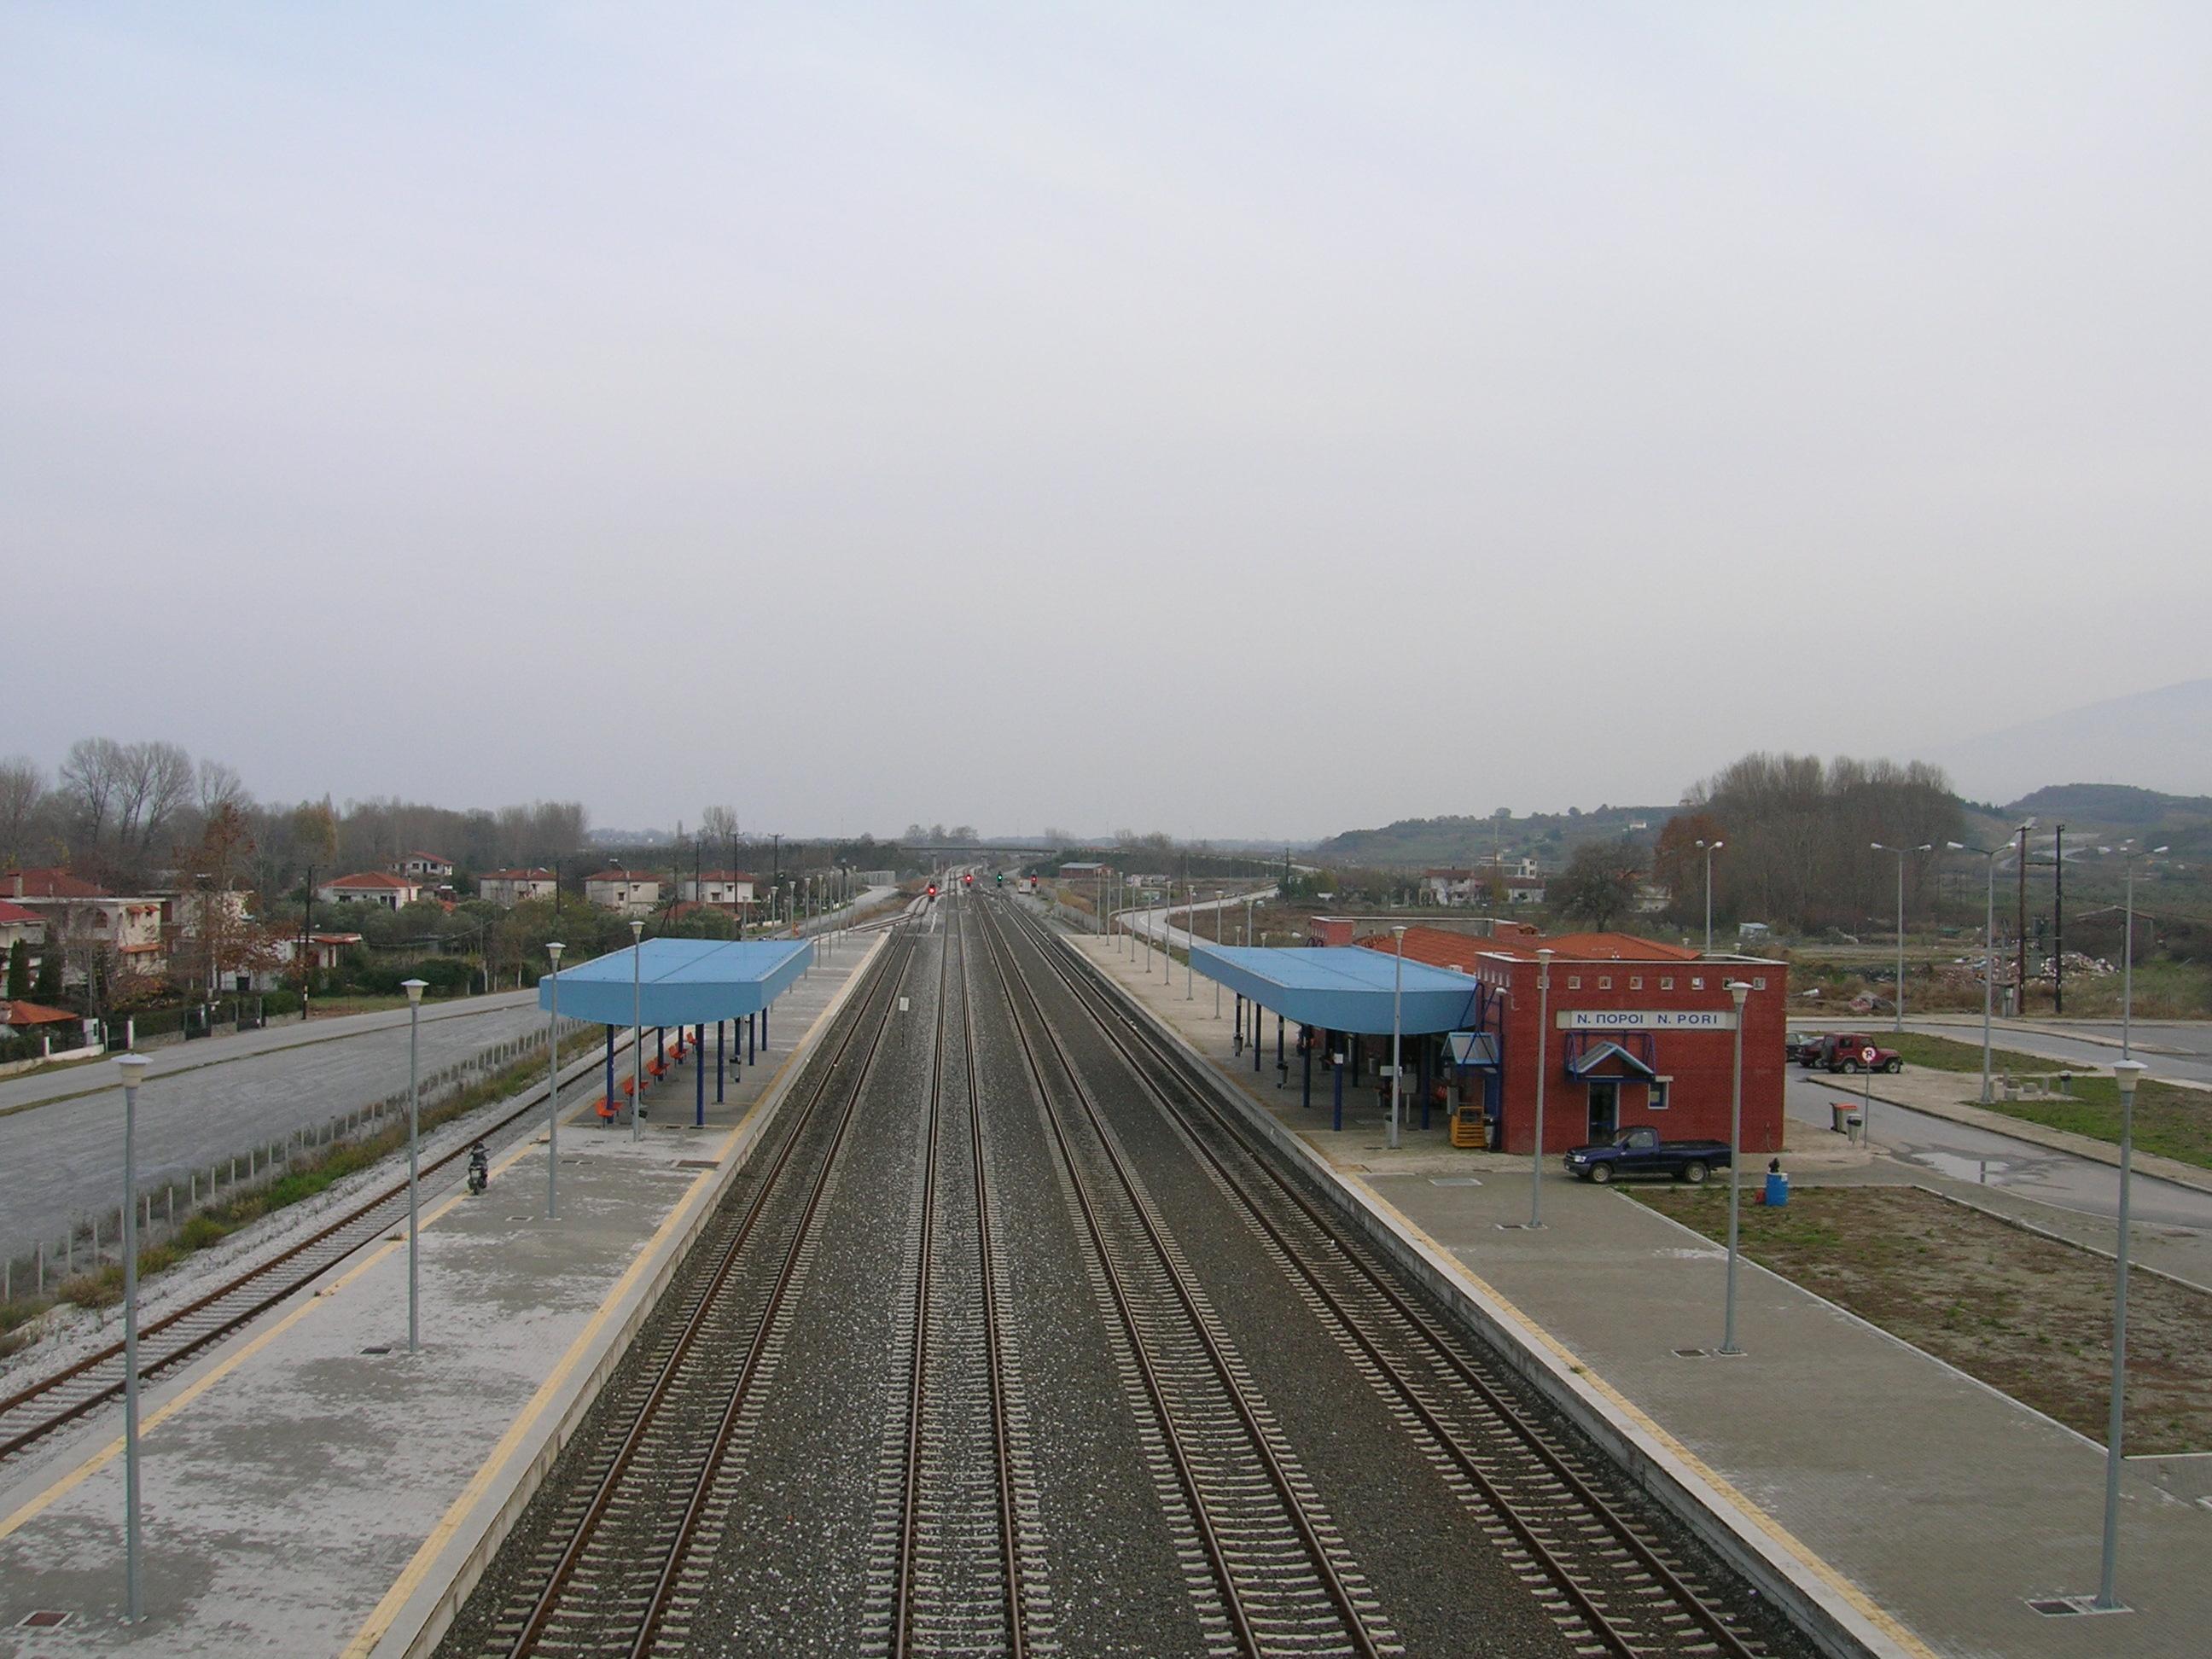 Σήραγγα ΟΣΕ Πλαταμώνα - μετά το Σταθμό Νέων Πόρων